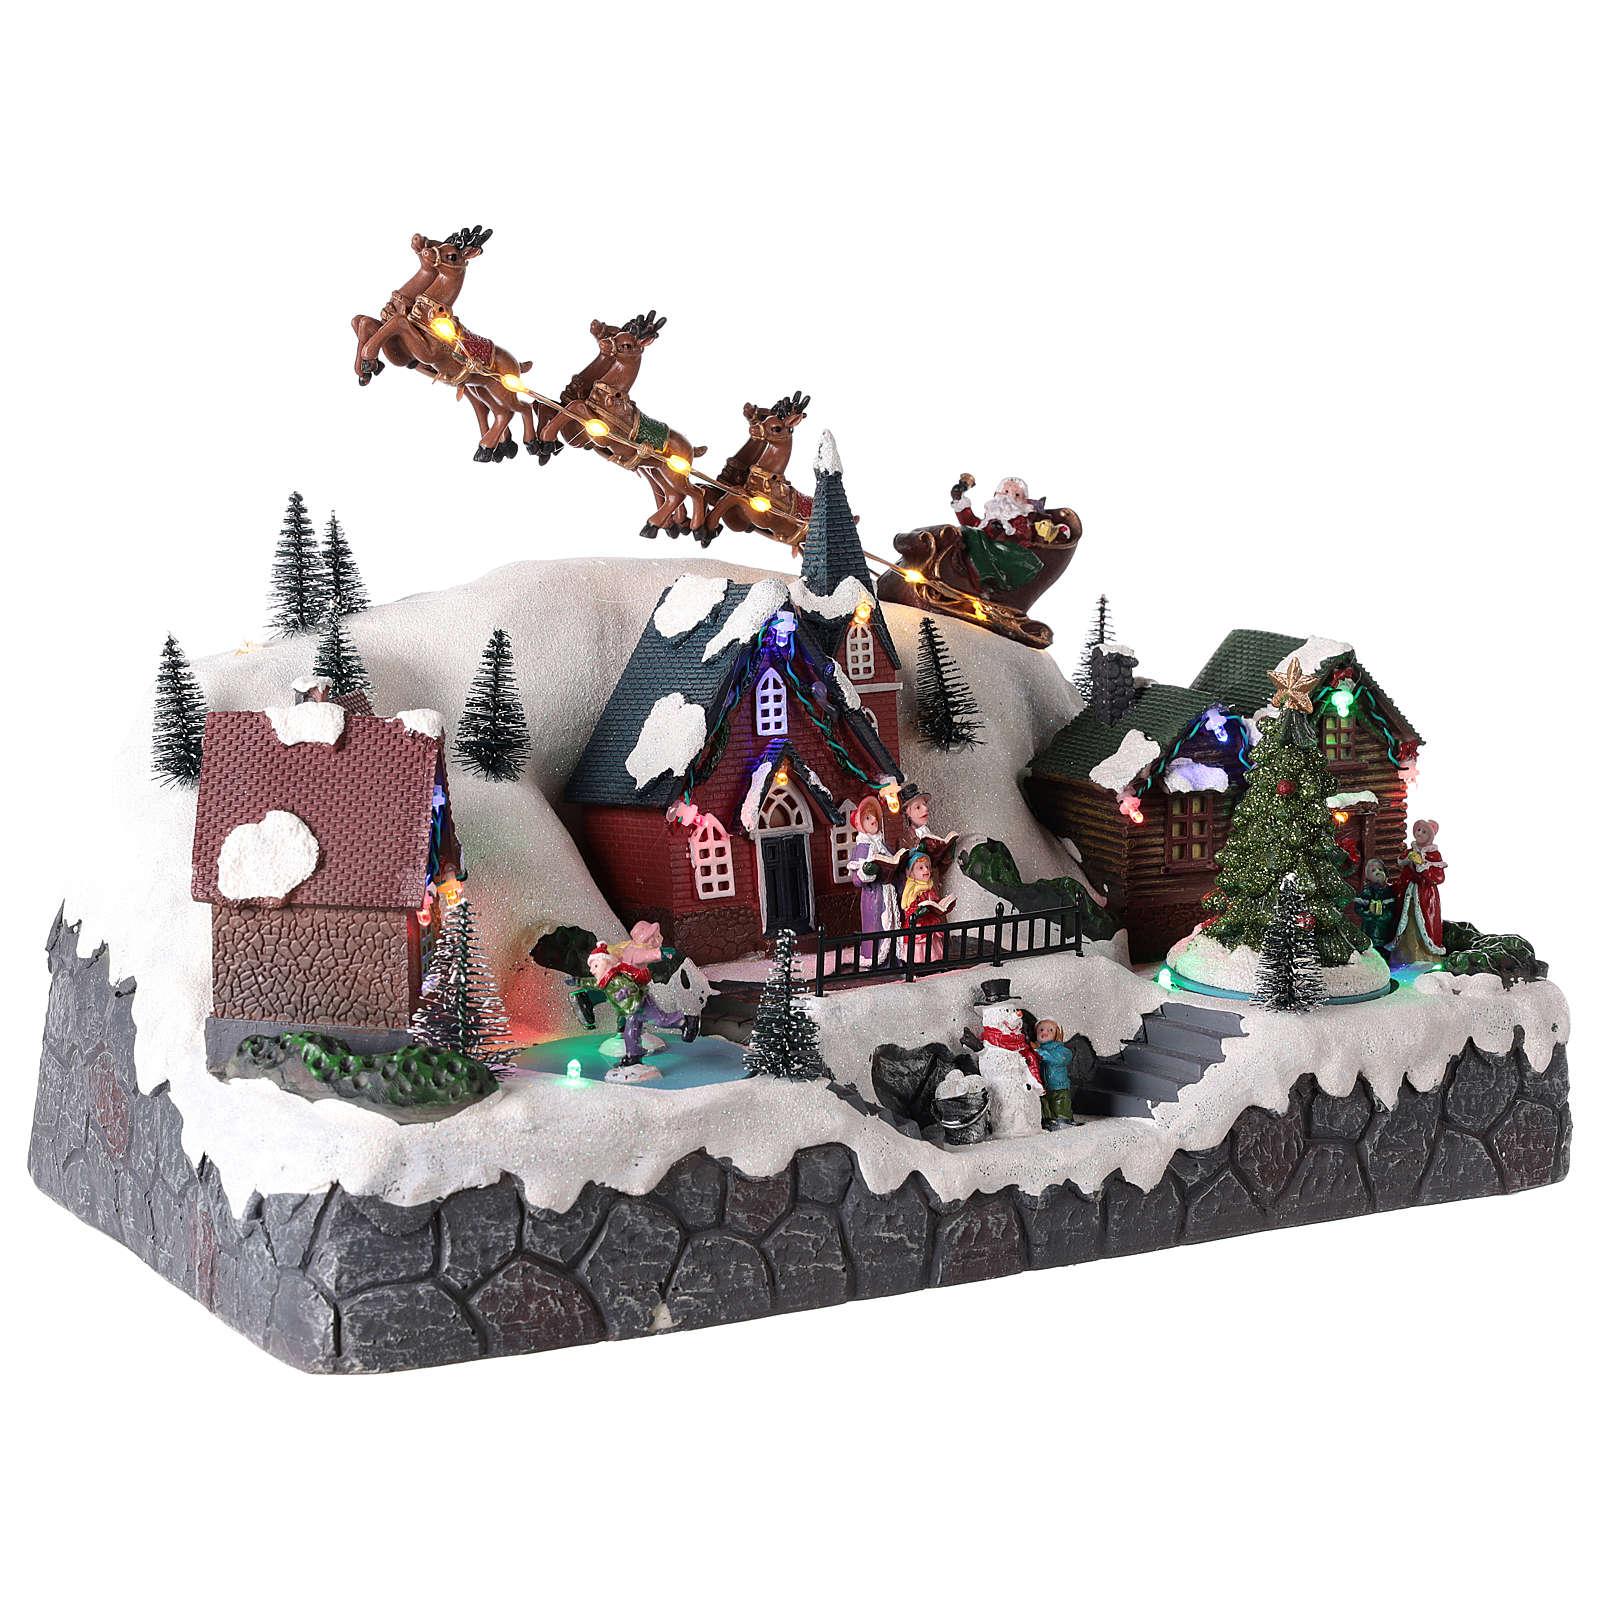 Pueblo de Navidad con trineo de Papá Noel de resina 25x40x20 cm 3